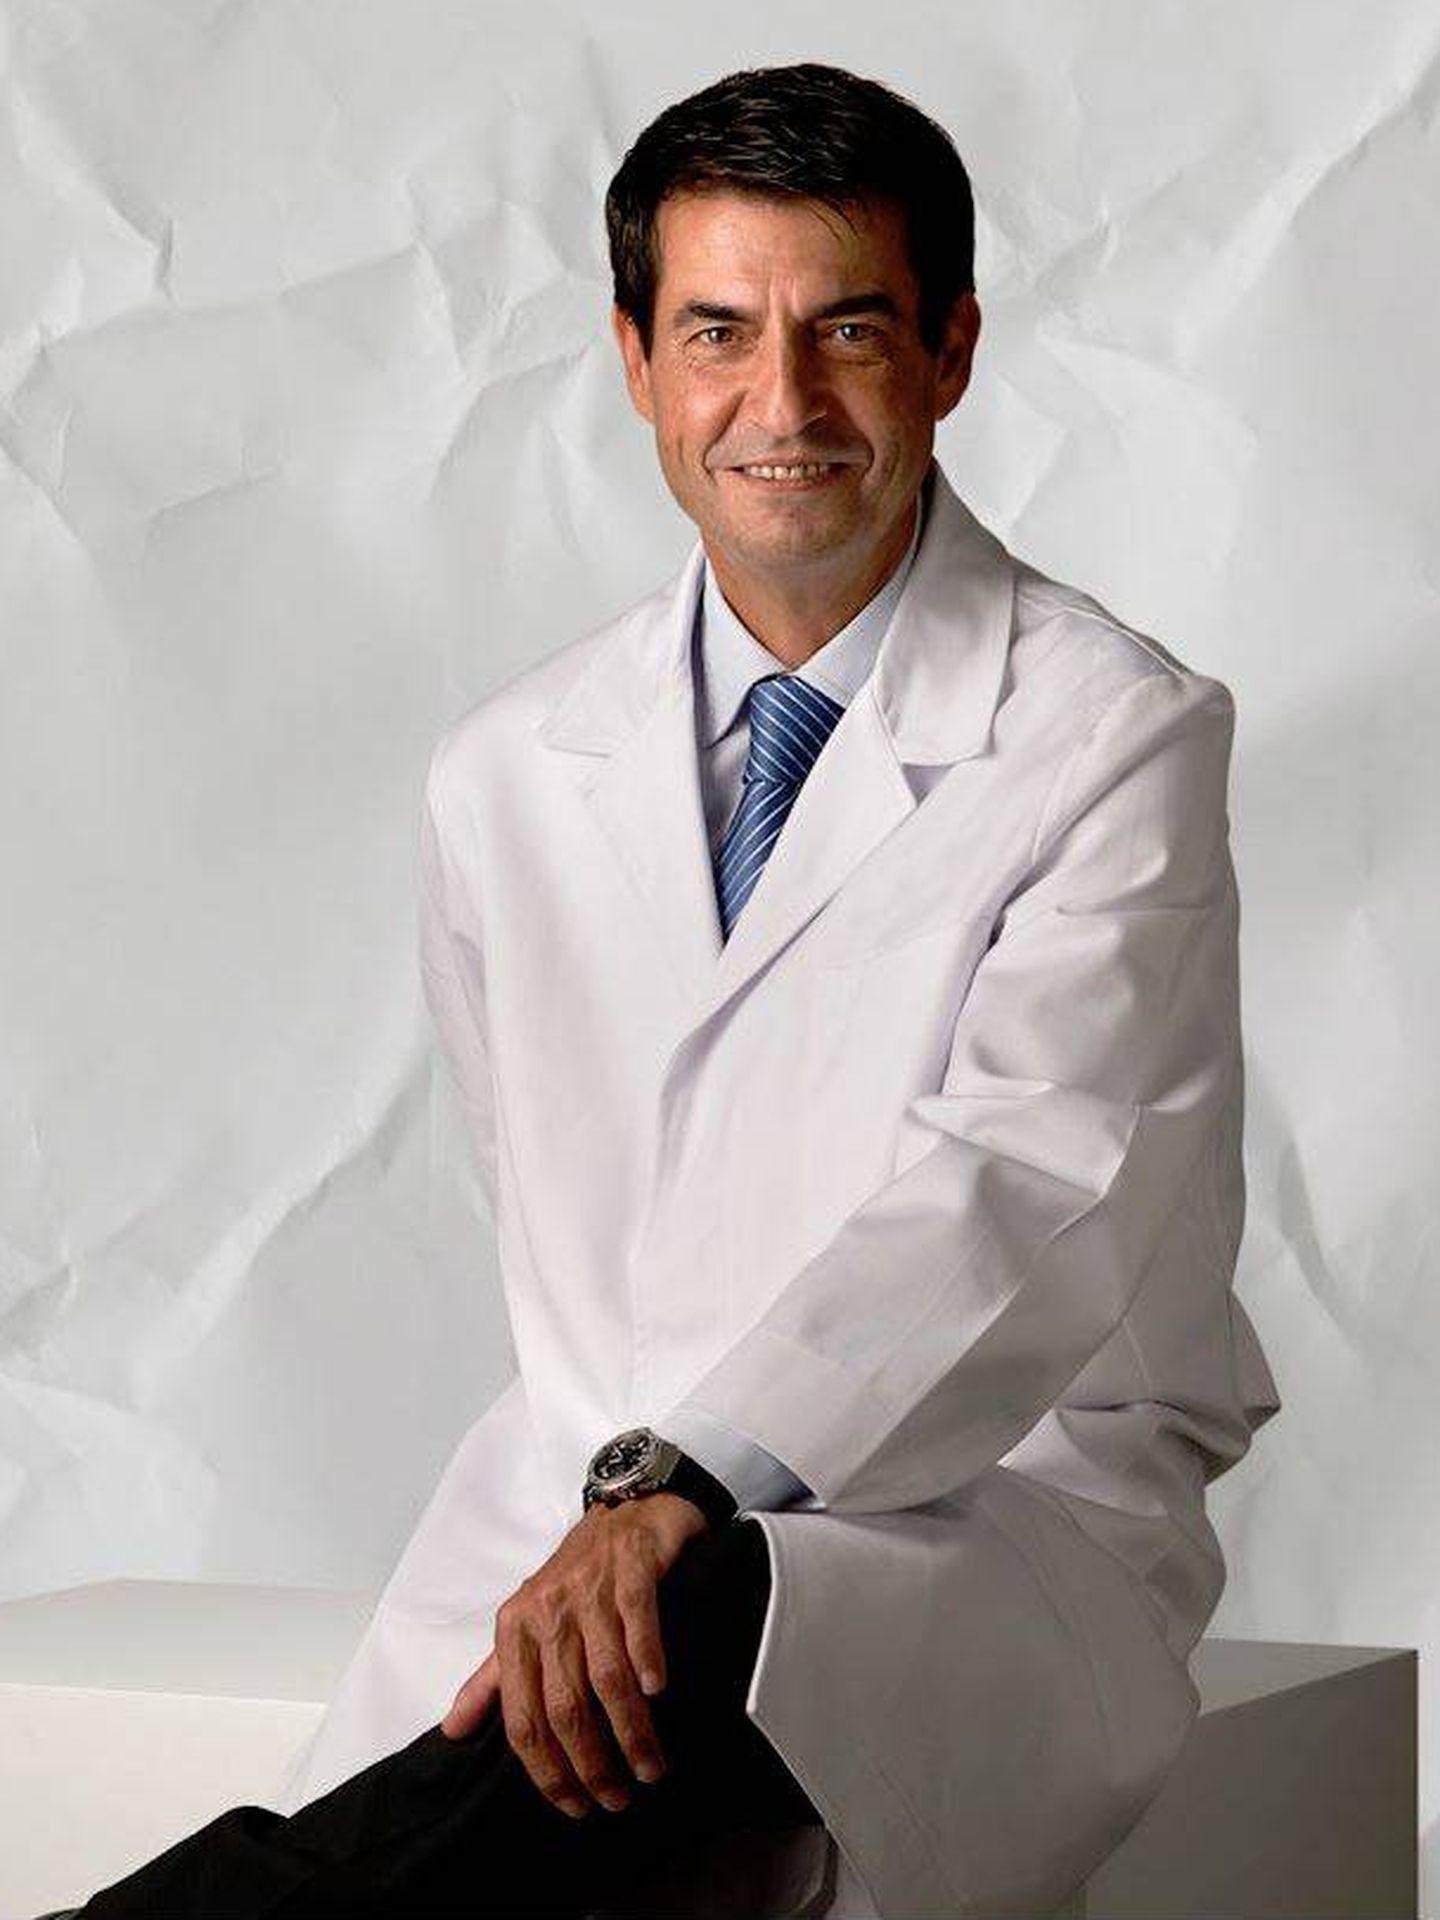 El doctor Manuel Sánchez. (www.desanchez.es)